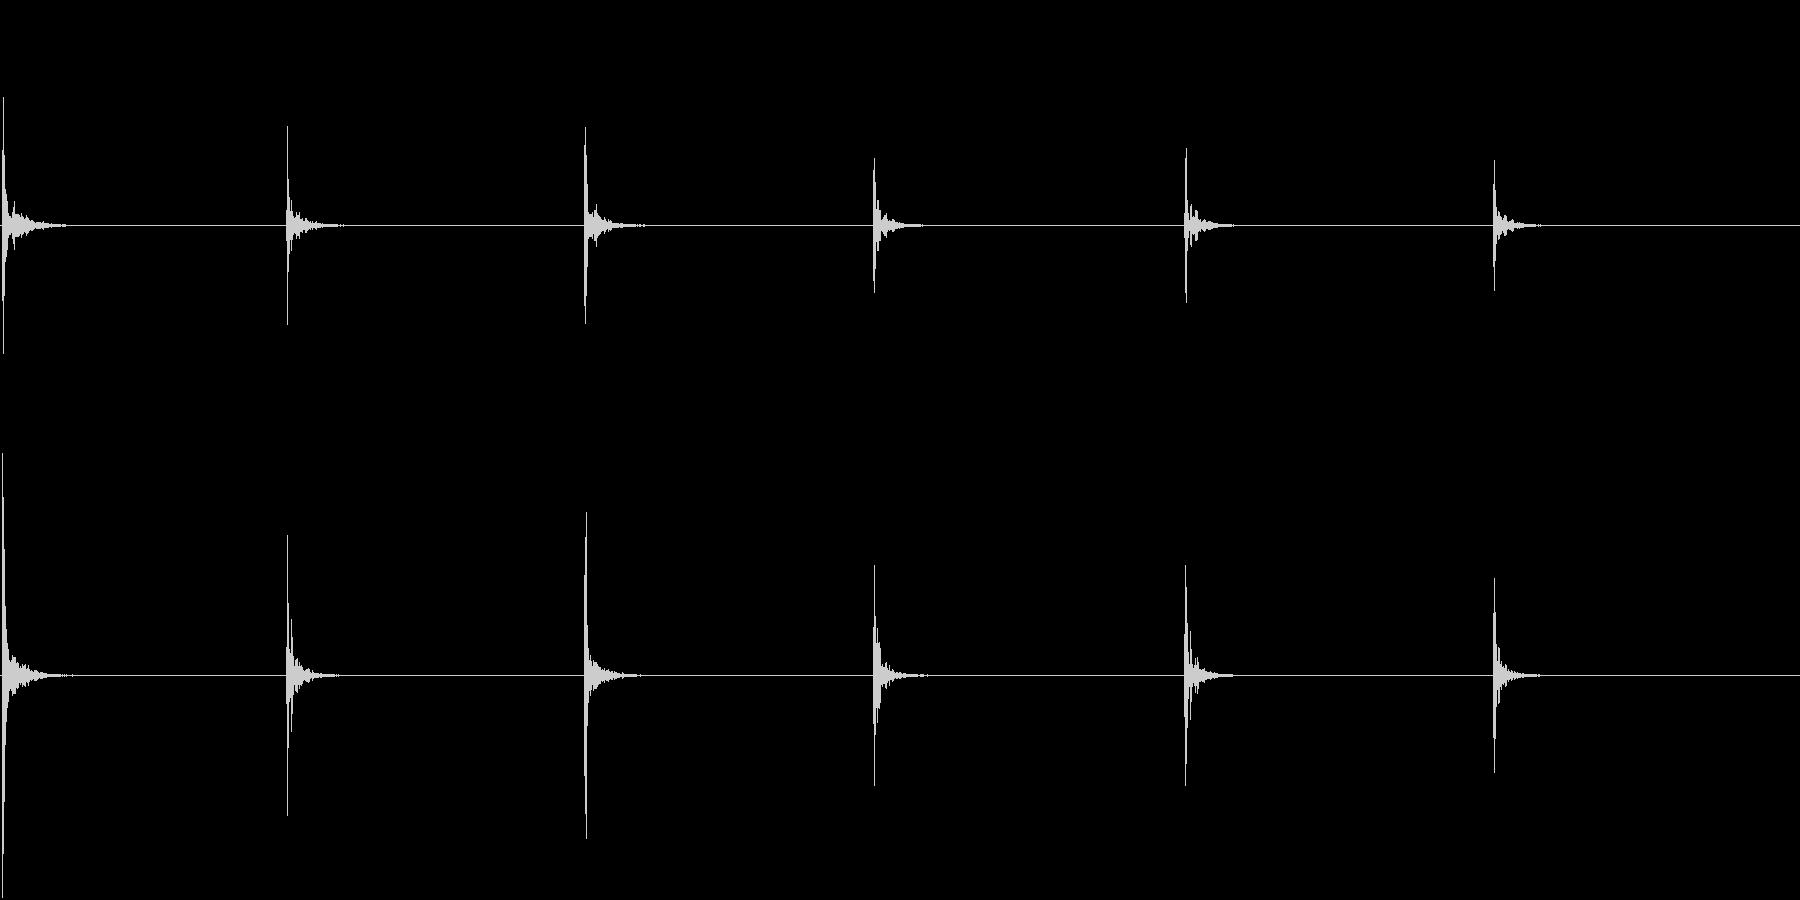 【生録音】お箸の音 2 かき込むの未再生の波形